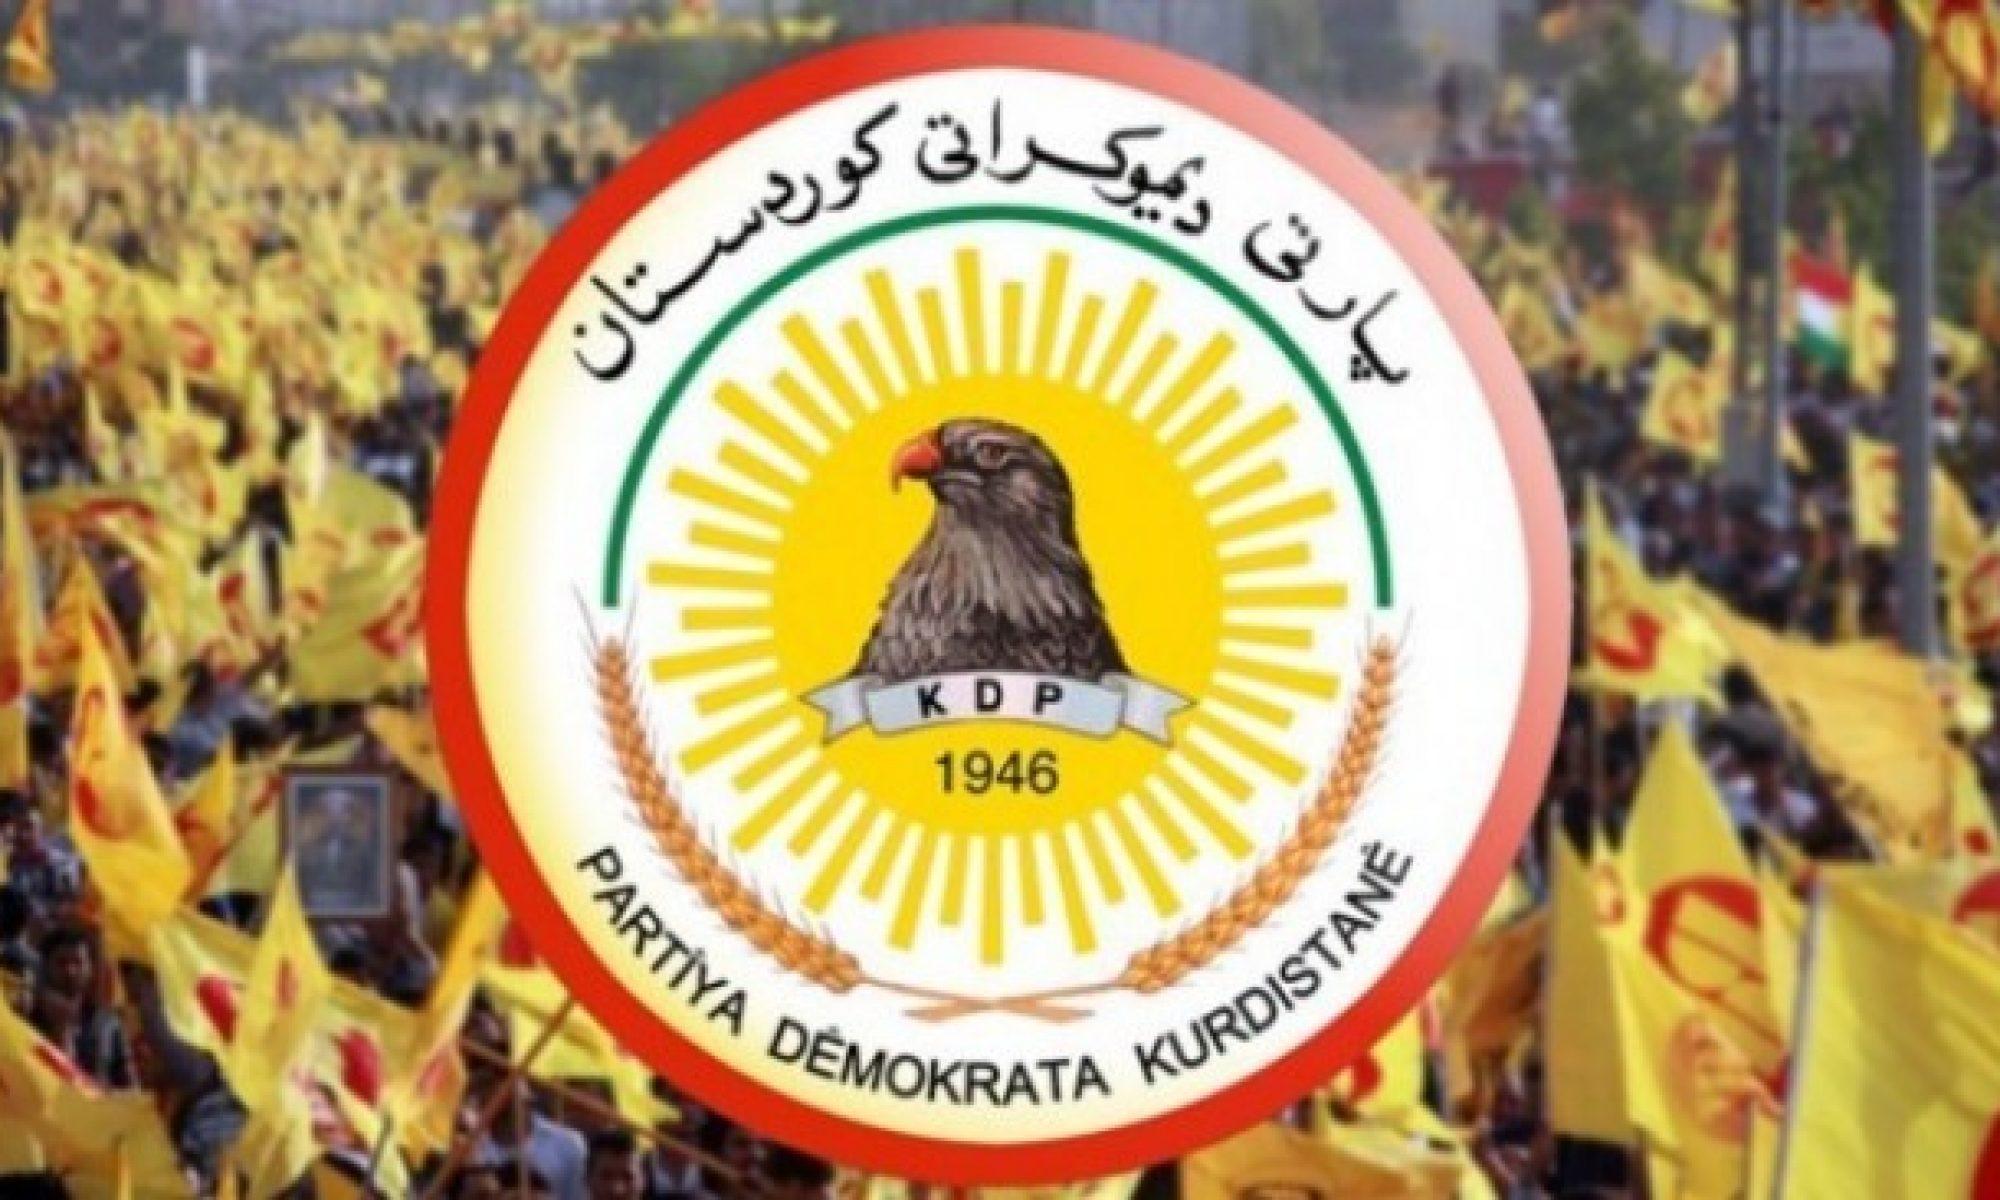 KDP'den açıklama: Hükümet kurumlarını yakan, taşlayan kişi ve taraflar 'gösterici' olarak kabul edilemez